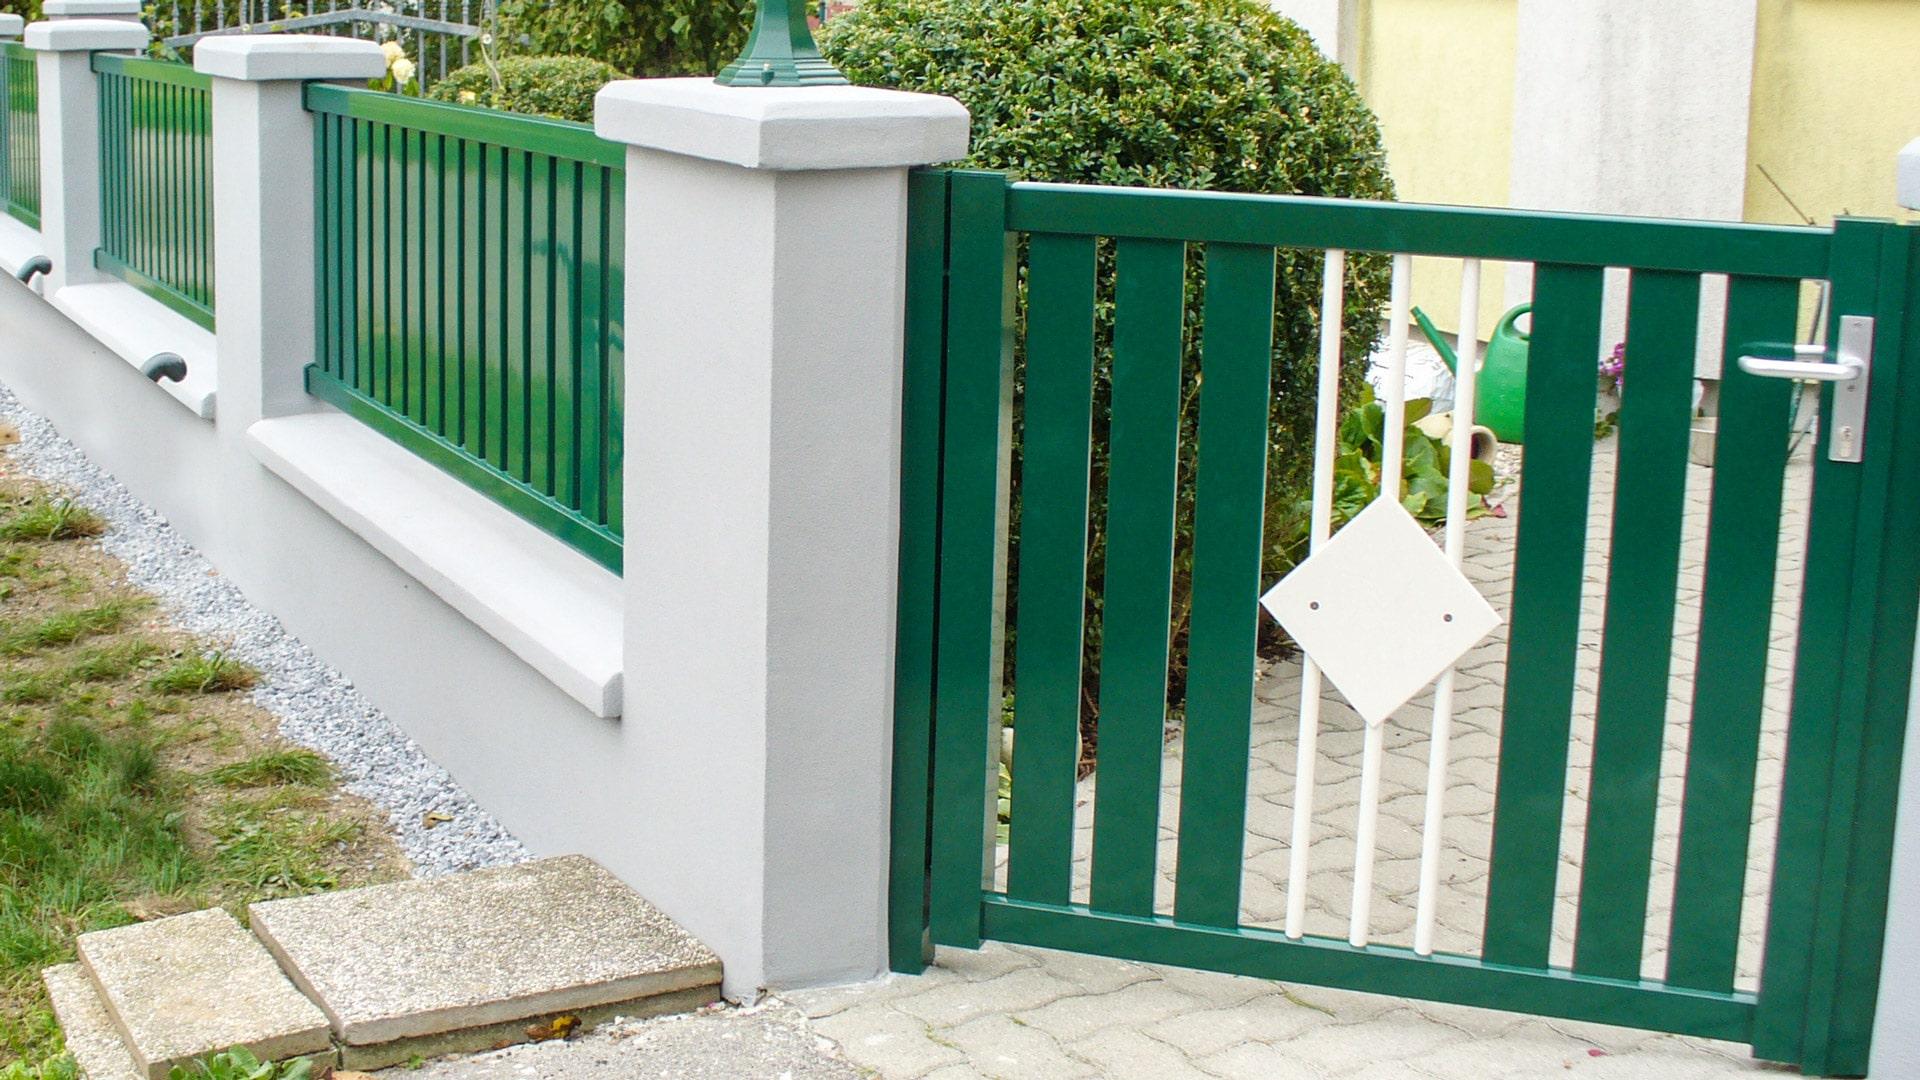 ZA Braunau 01 a | grüne Aluminiumgehtür im Garten bei Mauer mit weißen Alustäben und Blech | Svoboda